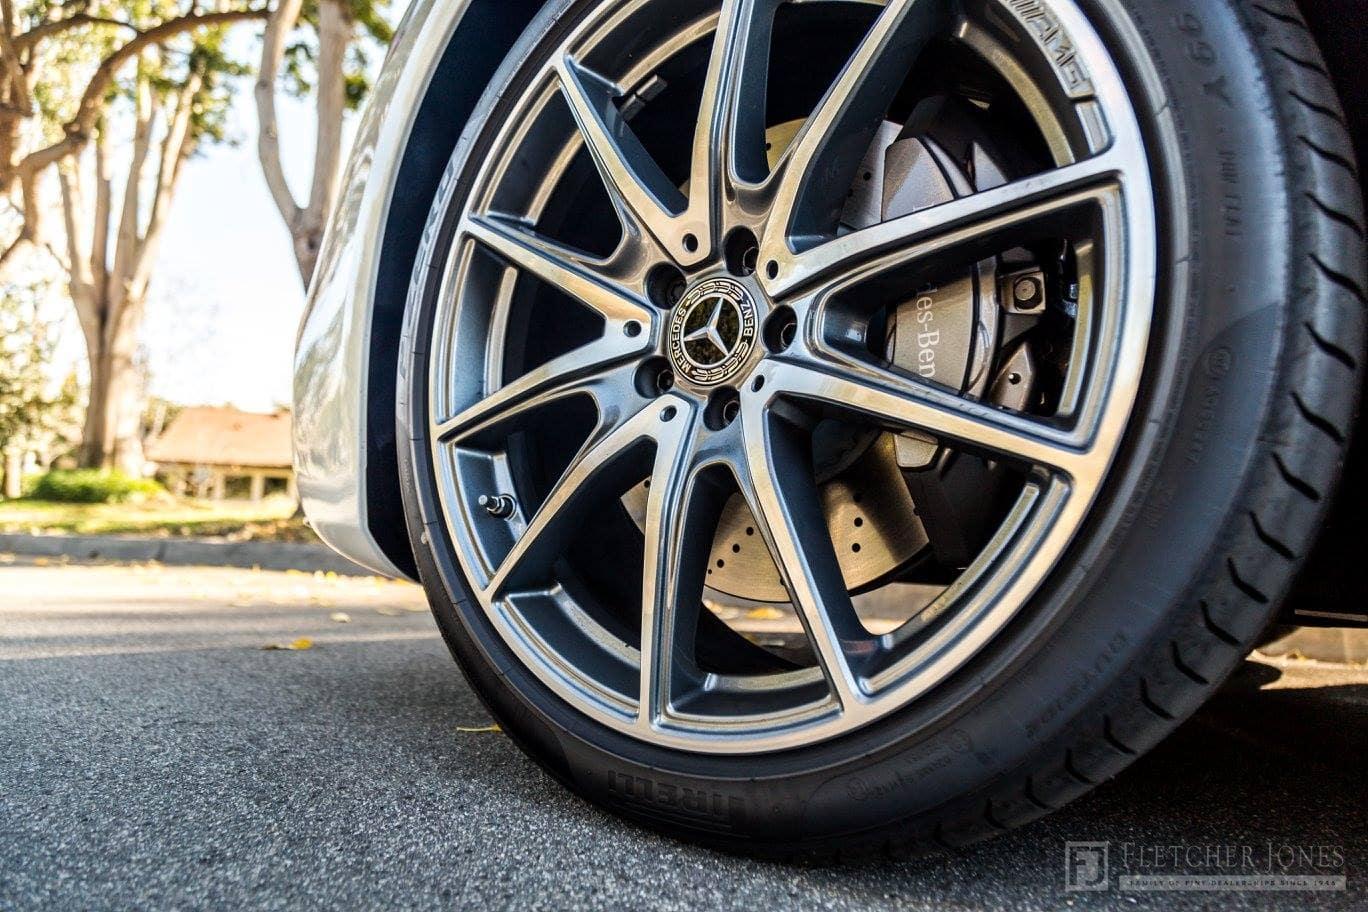 Mercedes-Benz E-Class: Tread wear